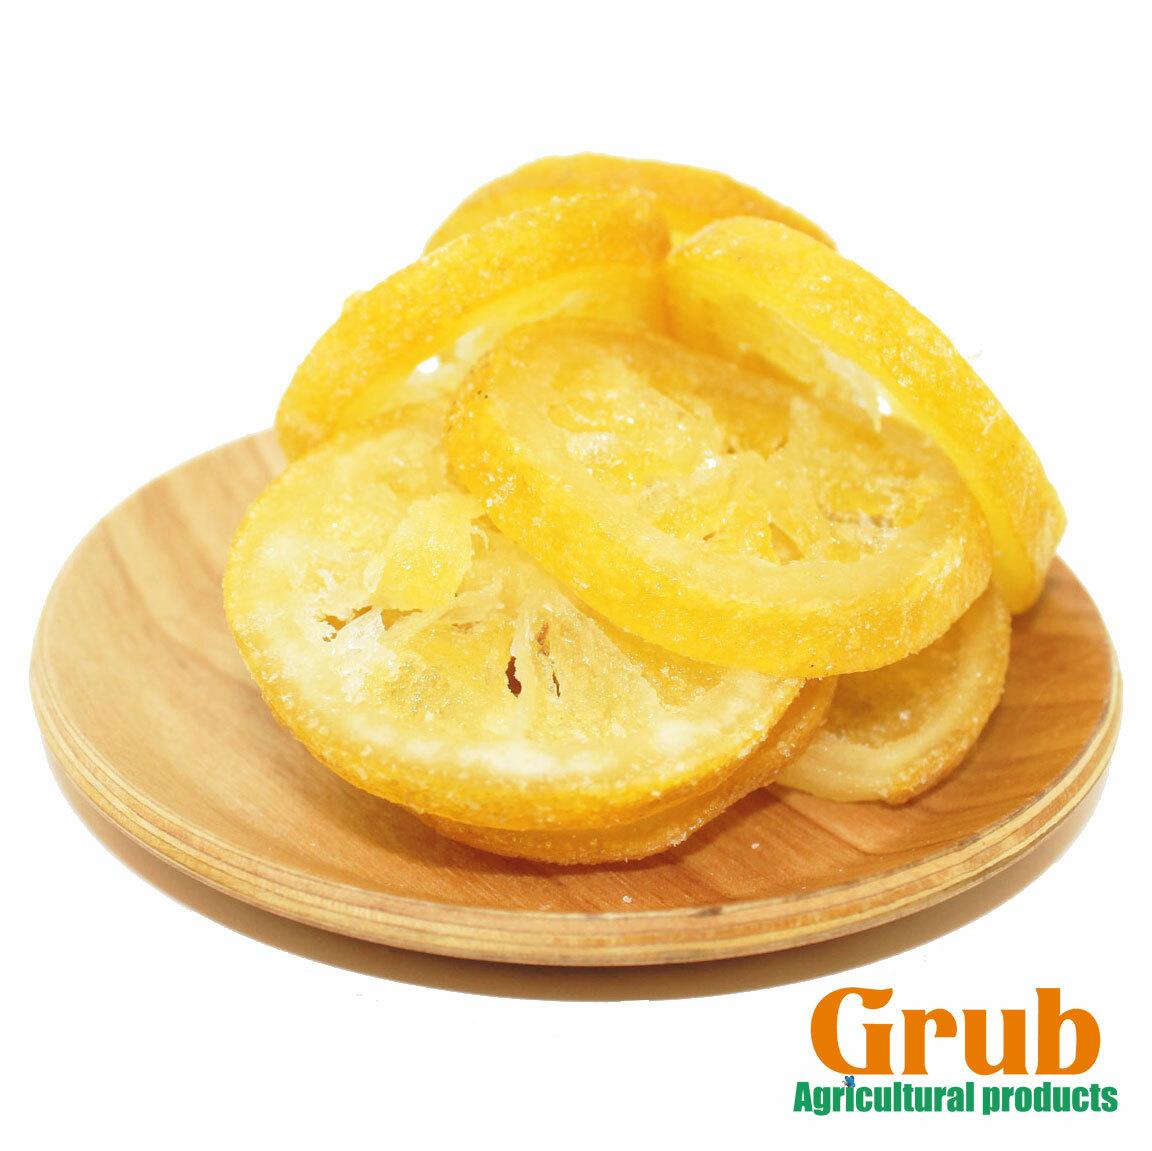 国産 ドライフルーツ レモン 55g|国産 半生タイプのドライフルーツ レモン